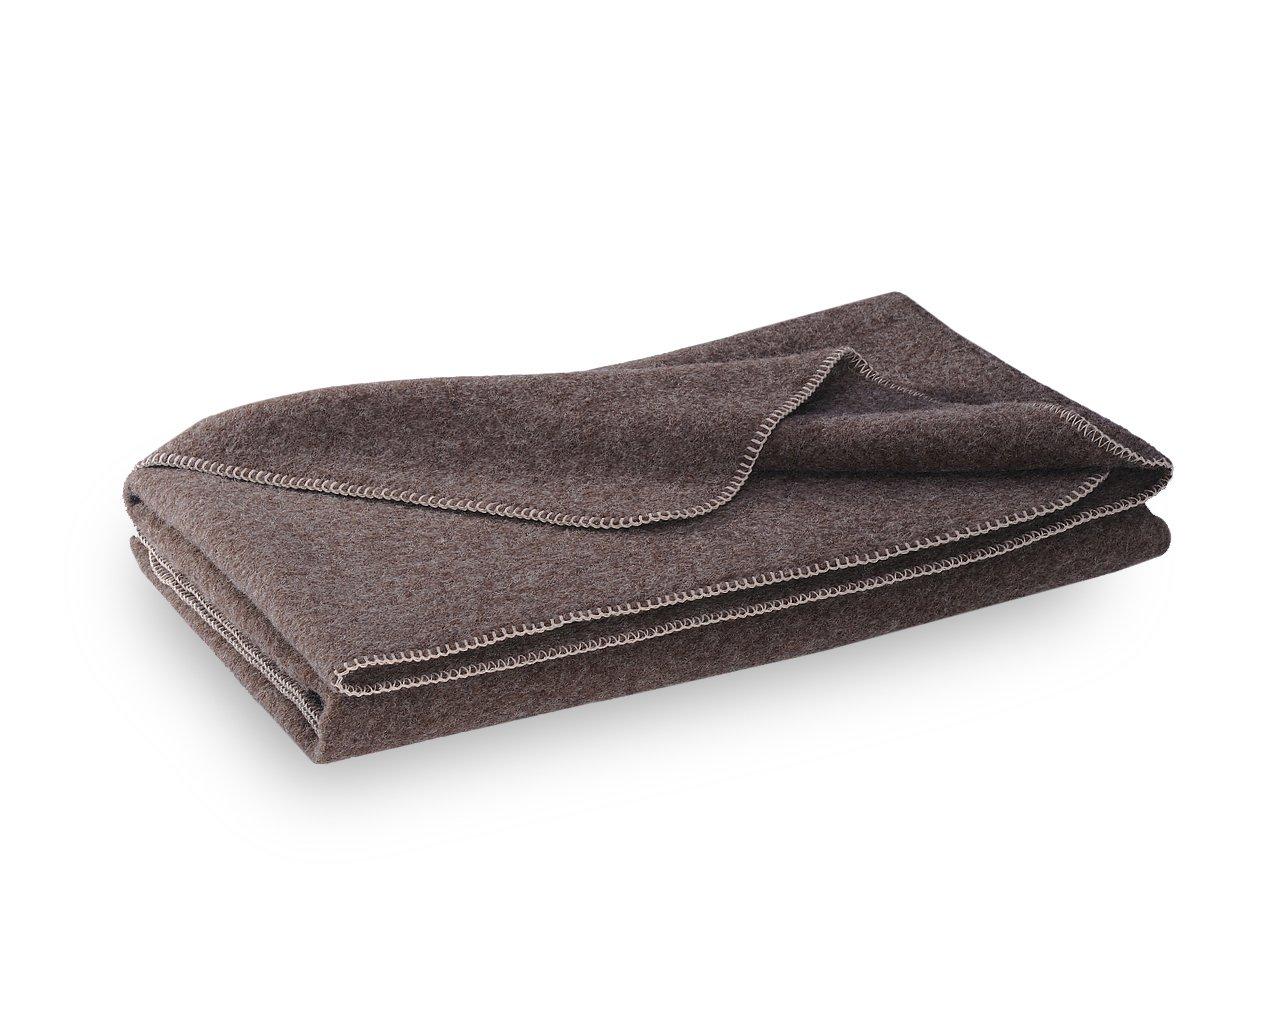 STEINER  Dicke Wolldecke aus brauner Schurwolle, umkettelt